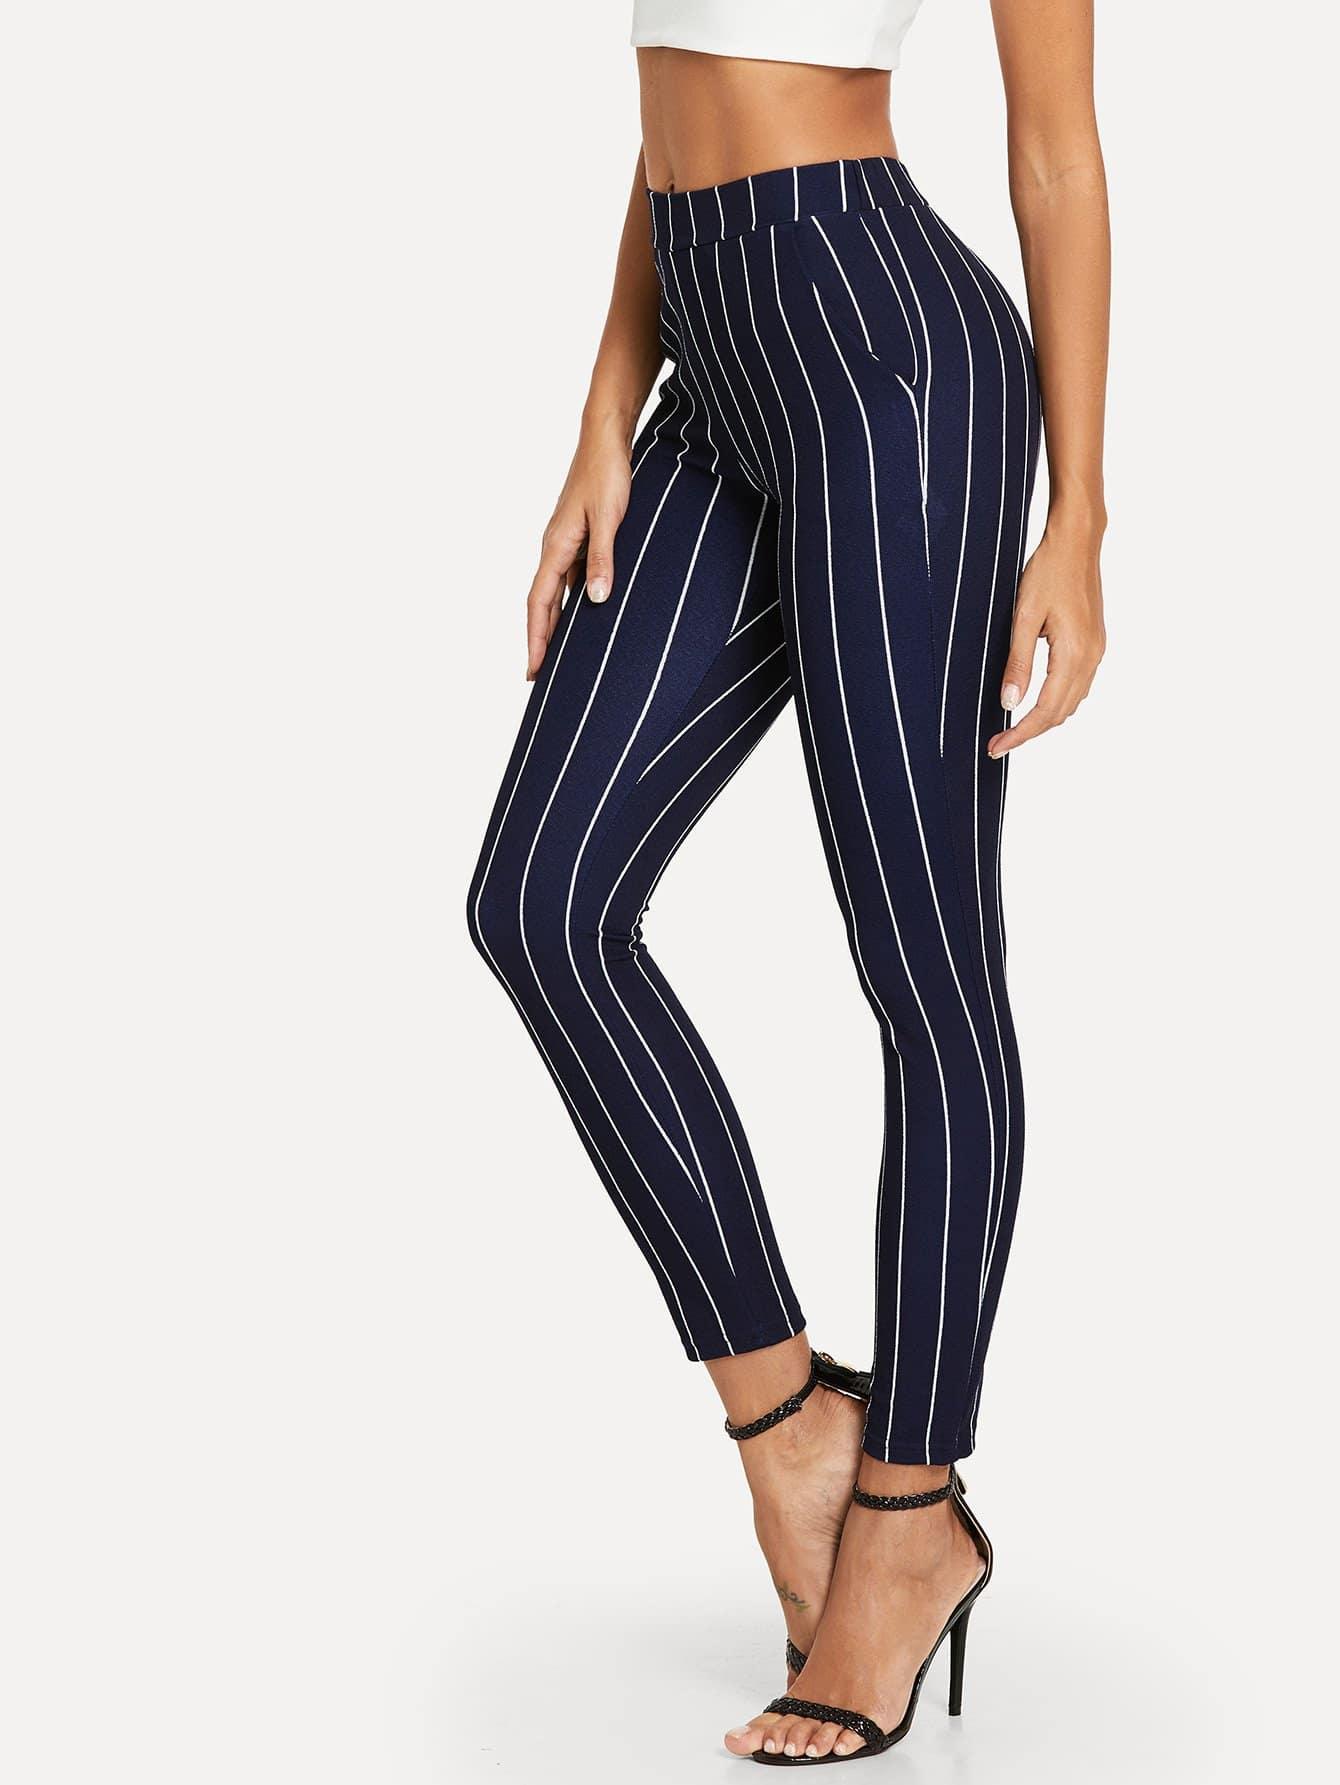 Купить Вертикальные полосатые тощие брюки, Giulia, SheIn